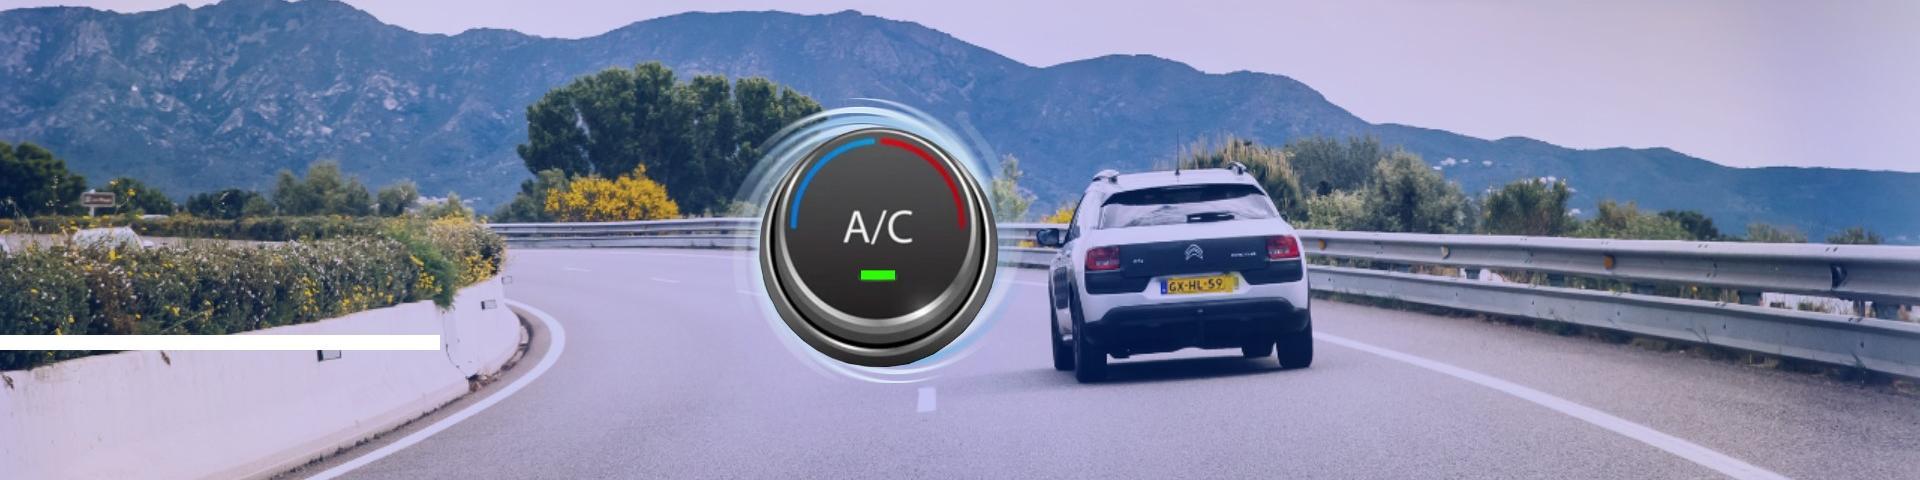 Website airco onderhoud